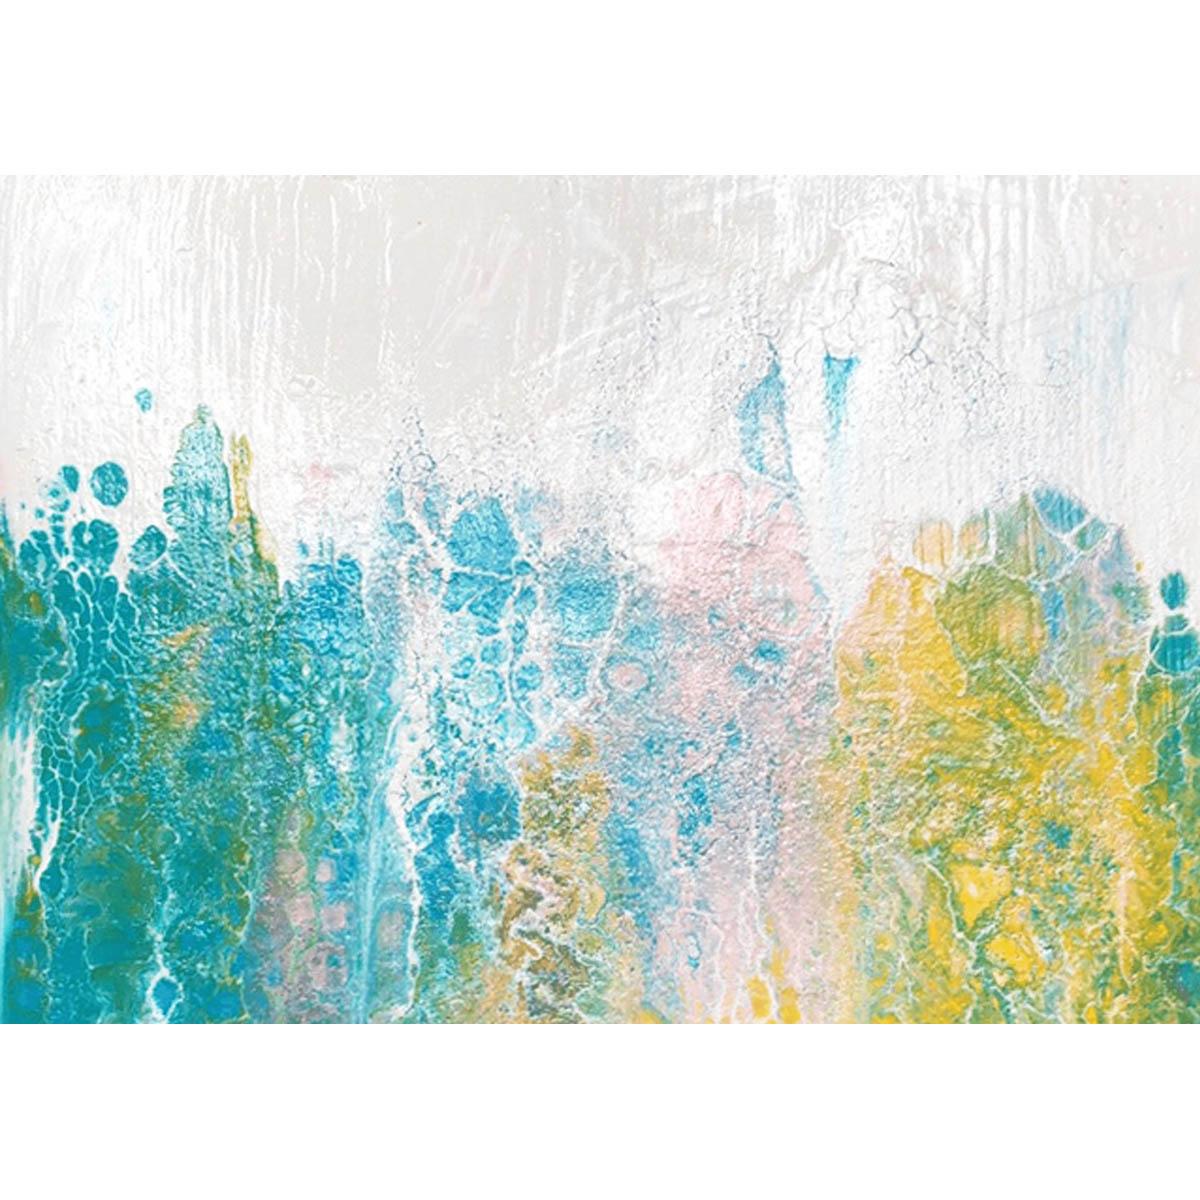 FA004 Набор для творчества Картина в стиле fluid art 'Абстракция' 30*30см